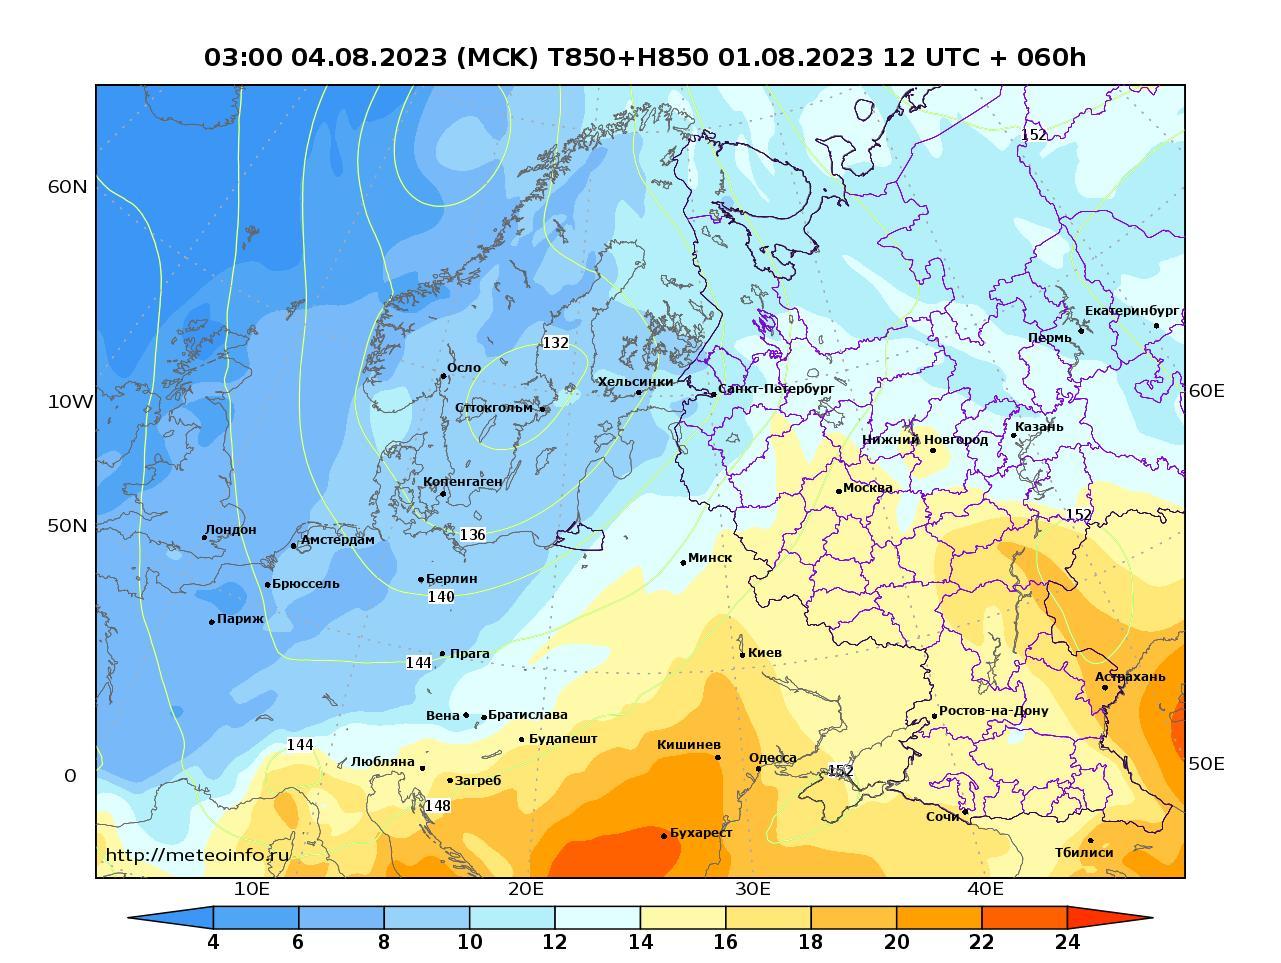 Европейская территория России, прогностическая карта температура T850 и геопотенциал H850, заблаговременность прогноза 60 часов